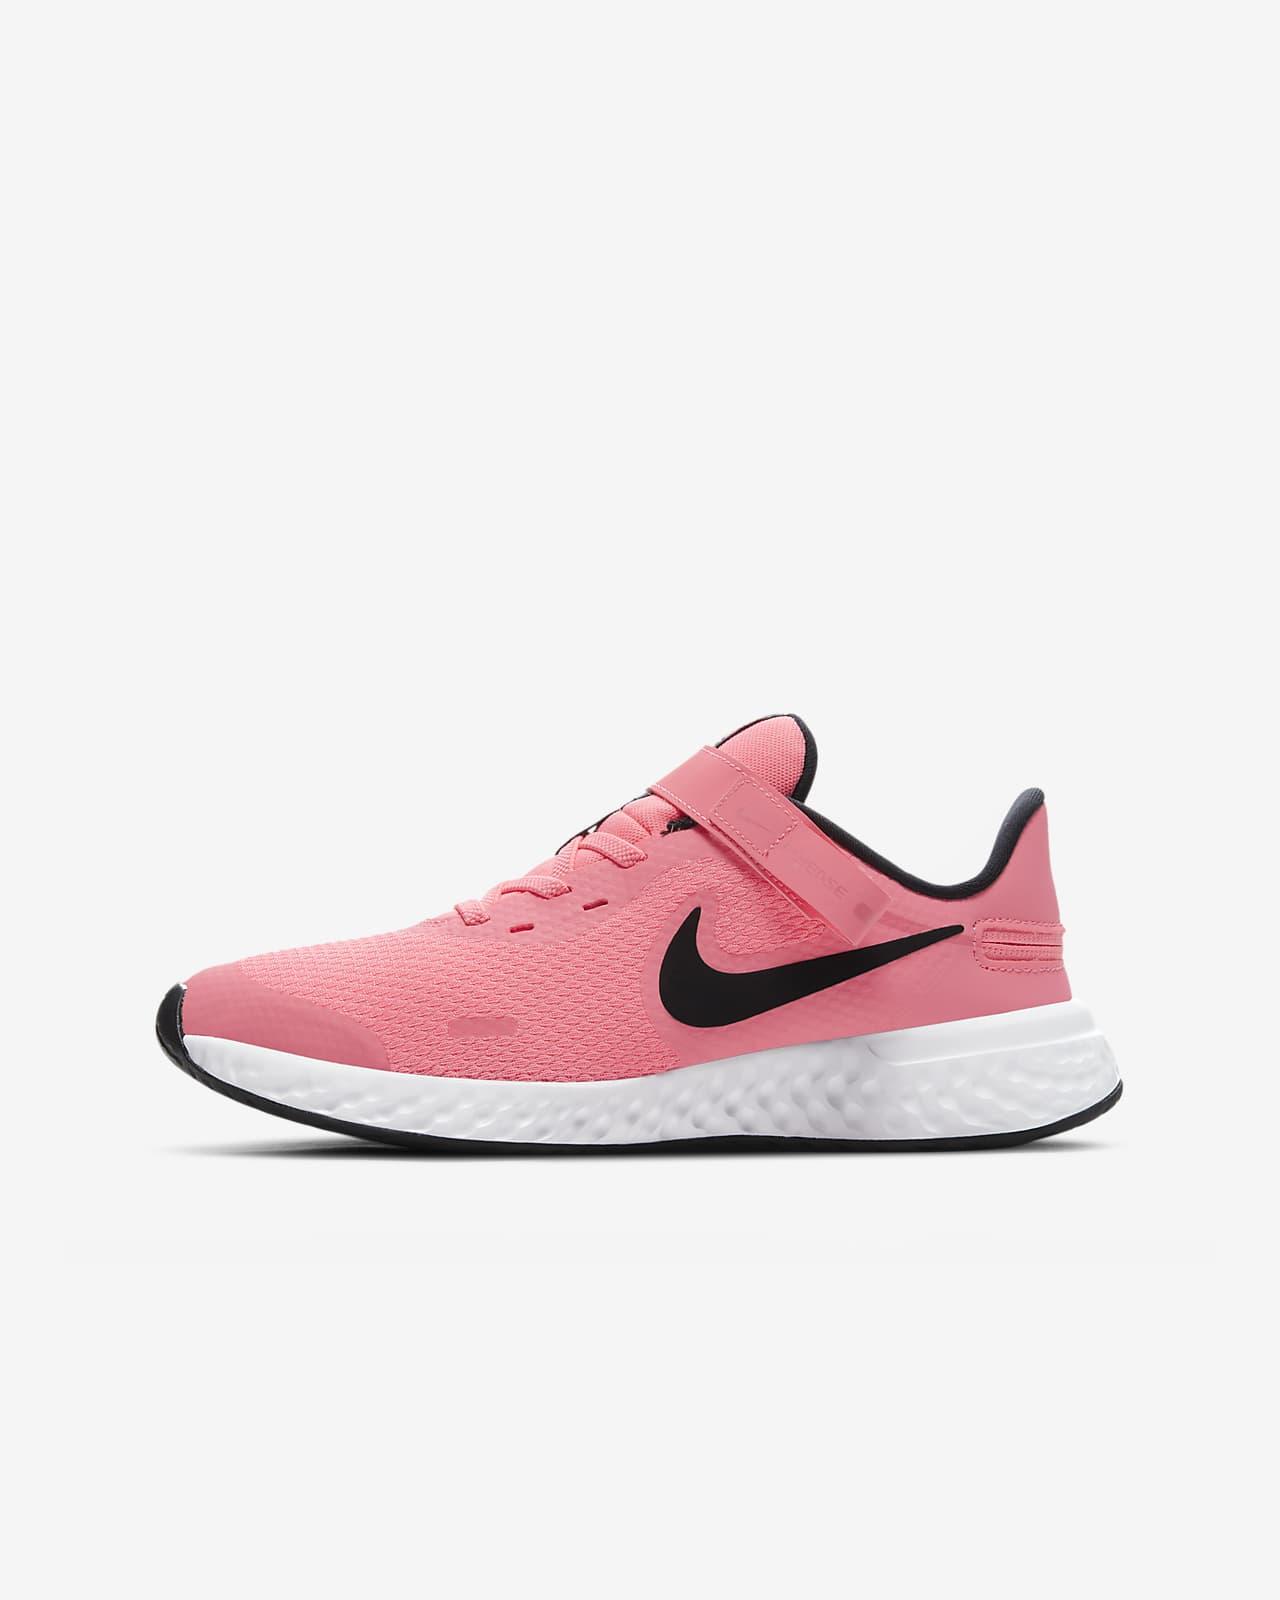 Nike Revolution 5 FlyEase Genç Çocuk Koşu Ayakkabısı